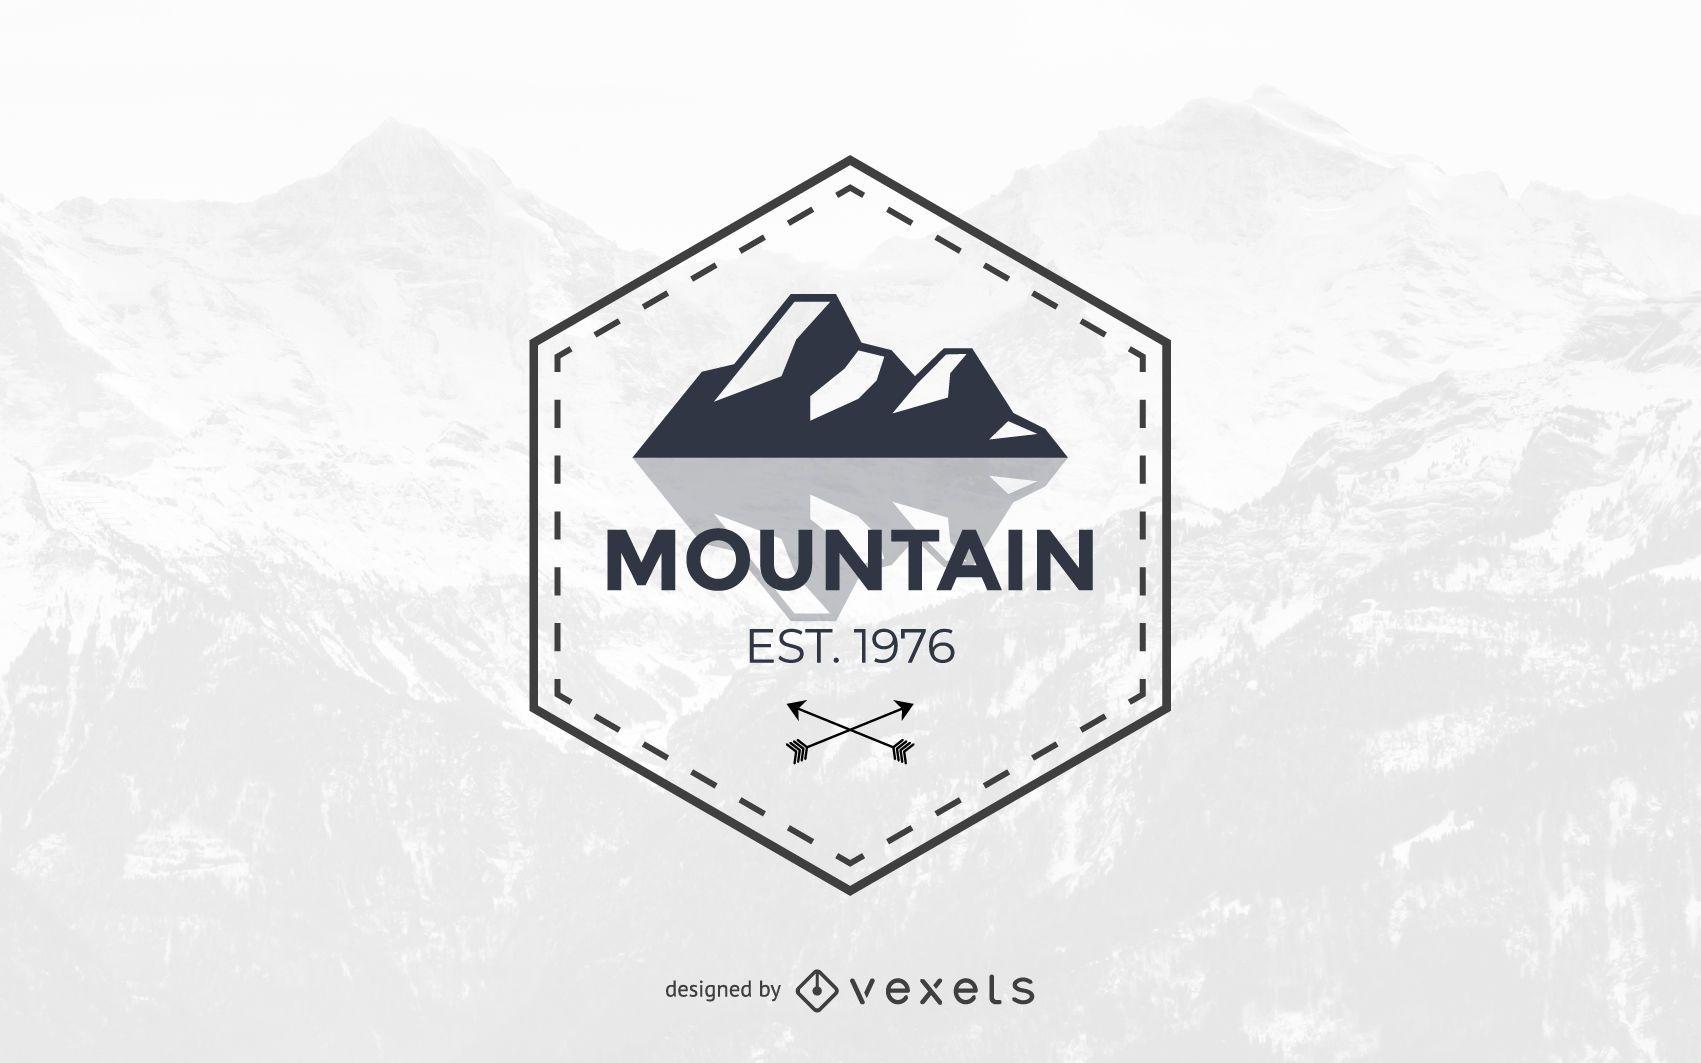 Modelo de design de logotipo de montanha abstrato